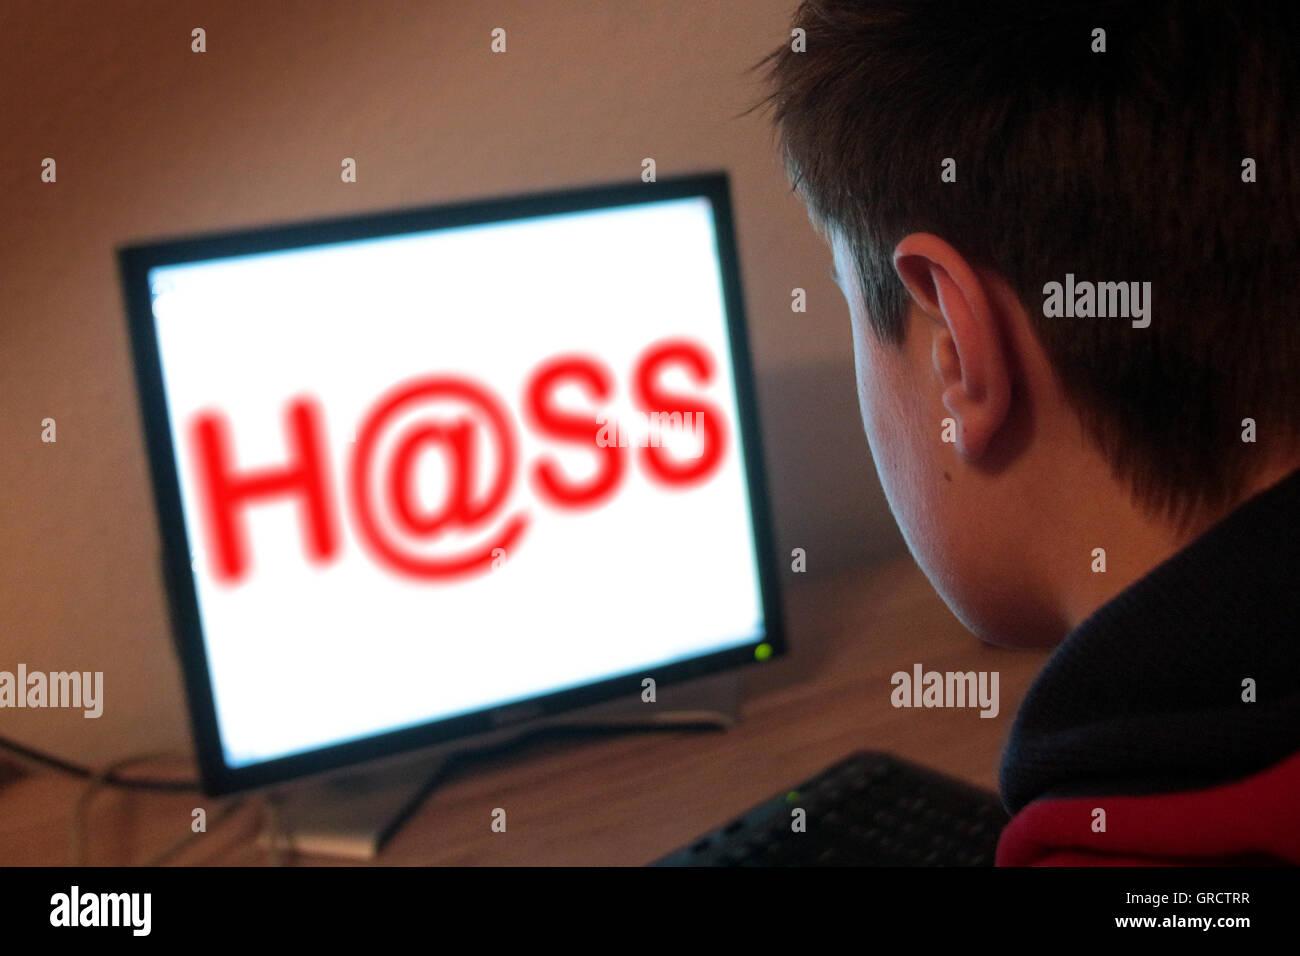 La haine avec Word lors de l'inscription et l'écran de l'ordinateur Photo Stock